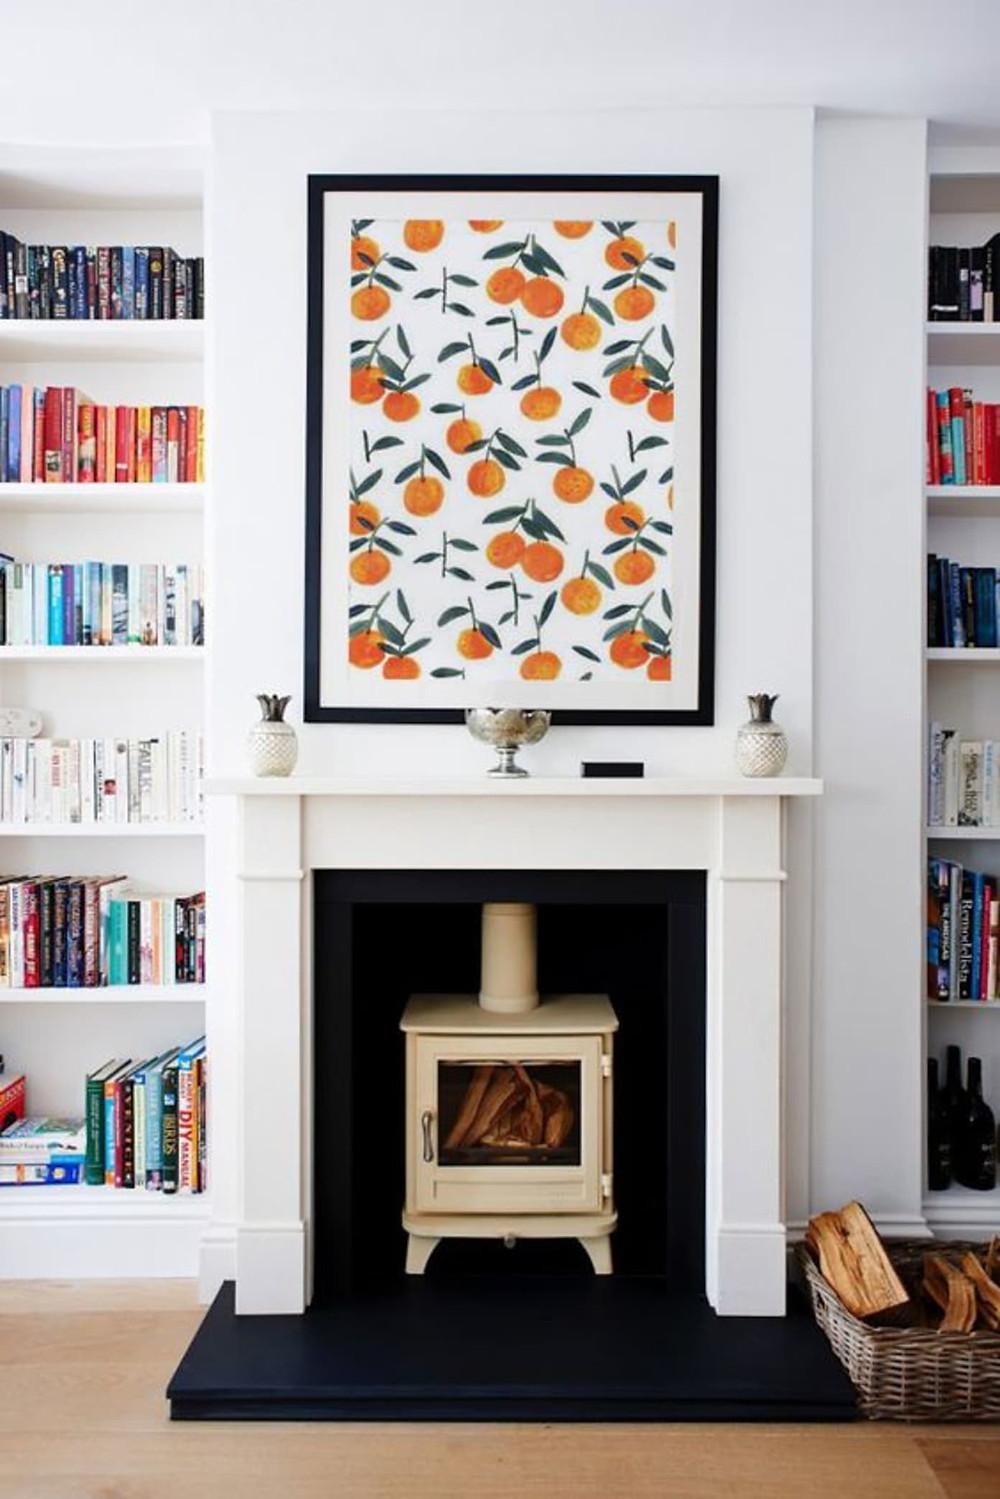 wallpaper framed as art for interior design